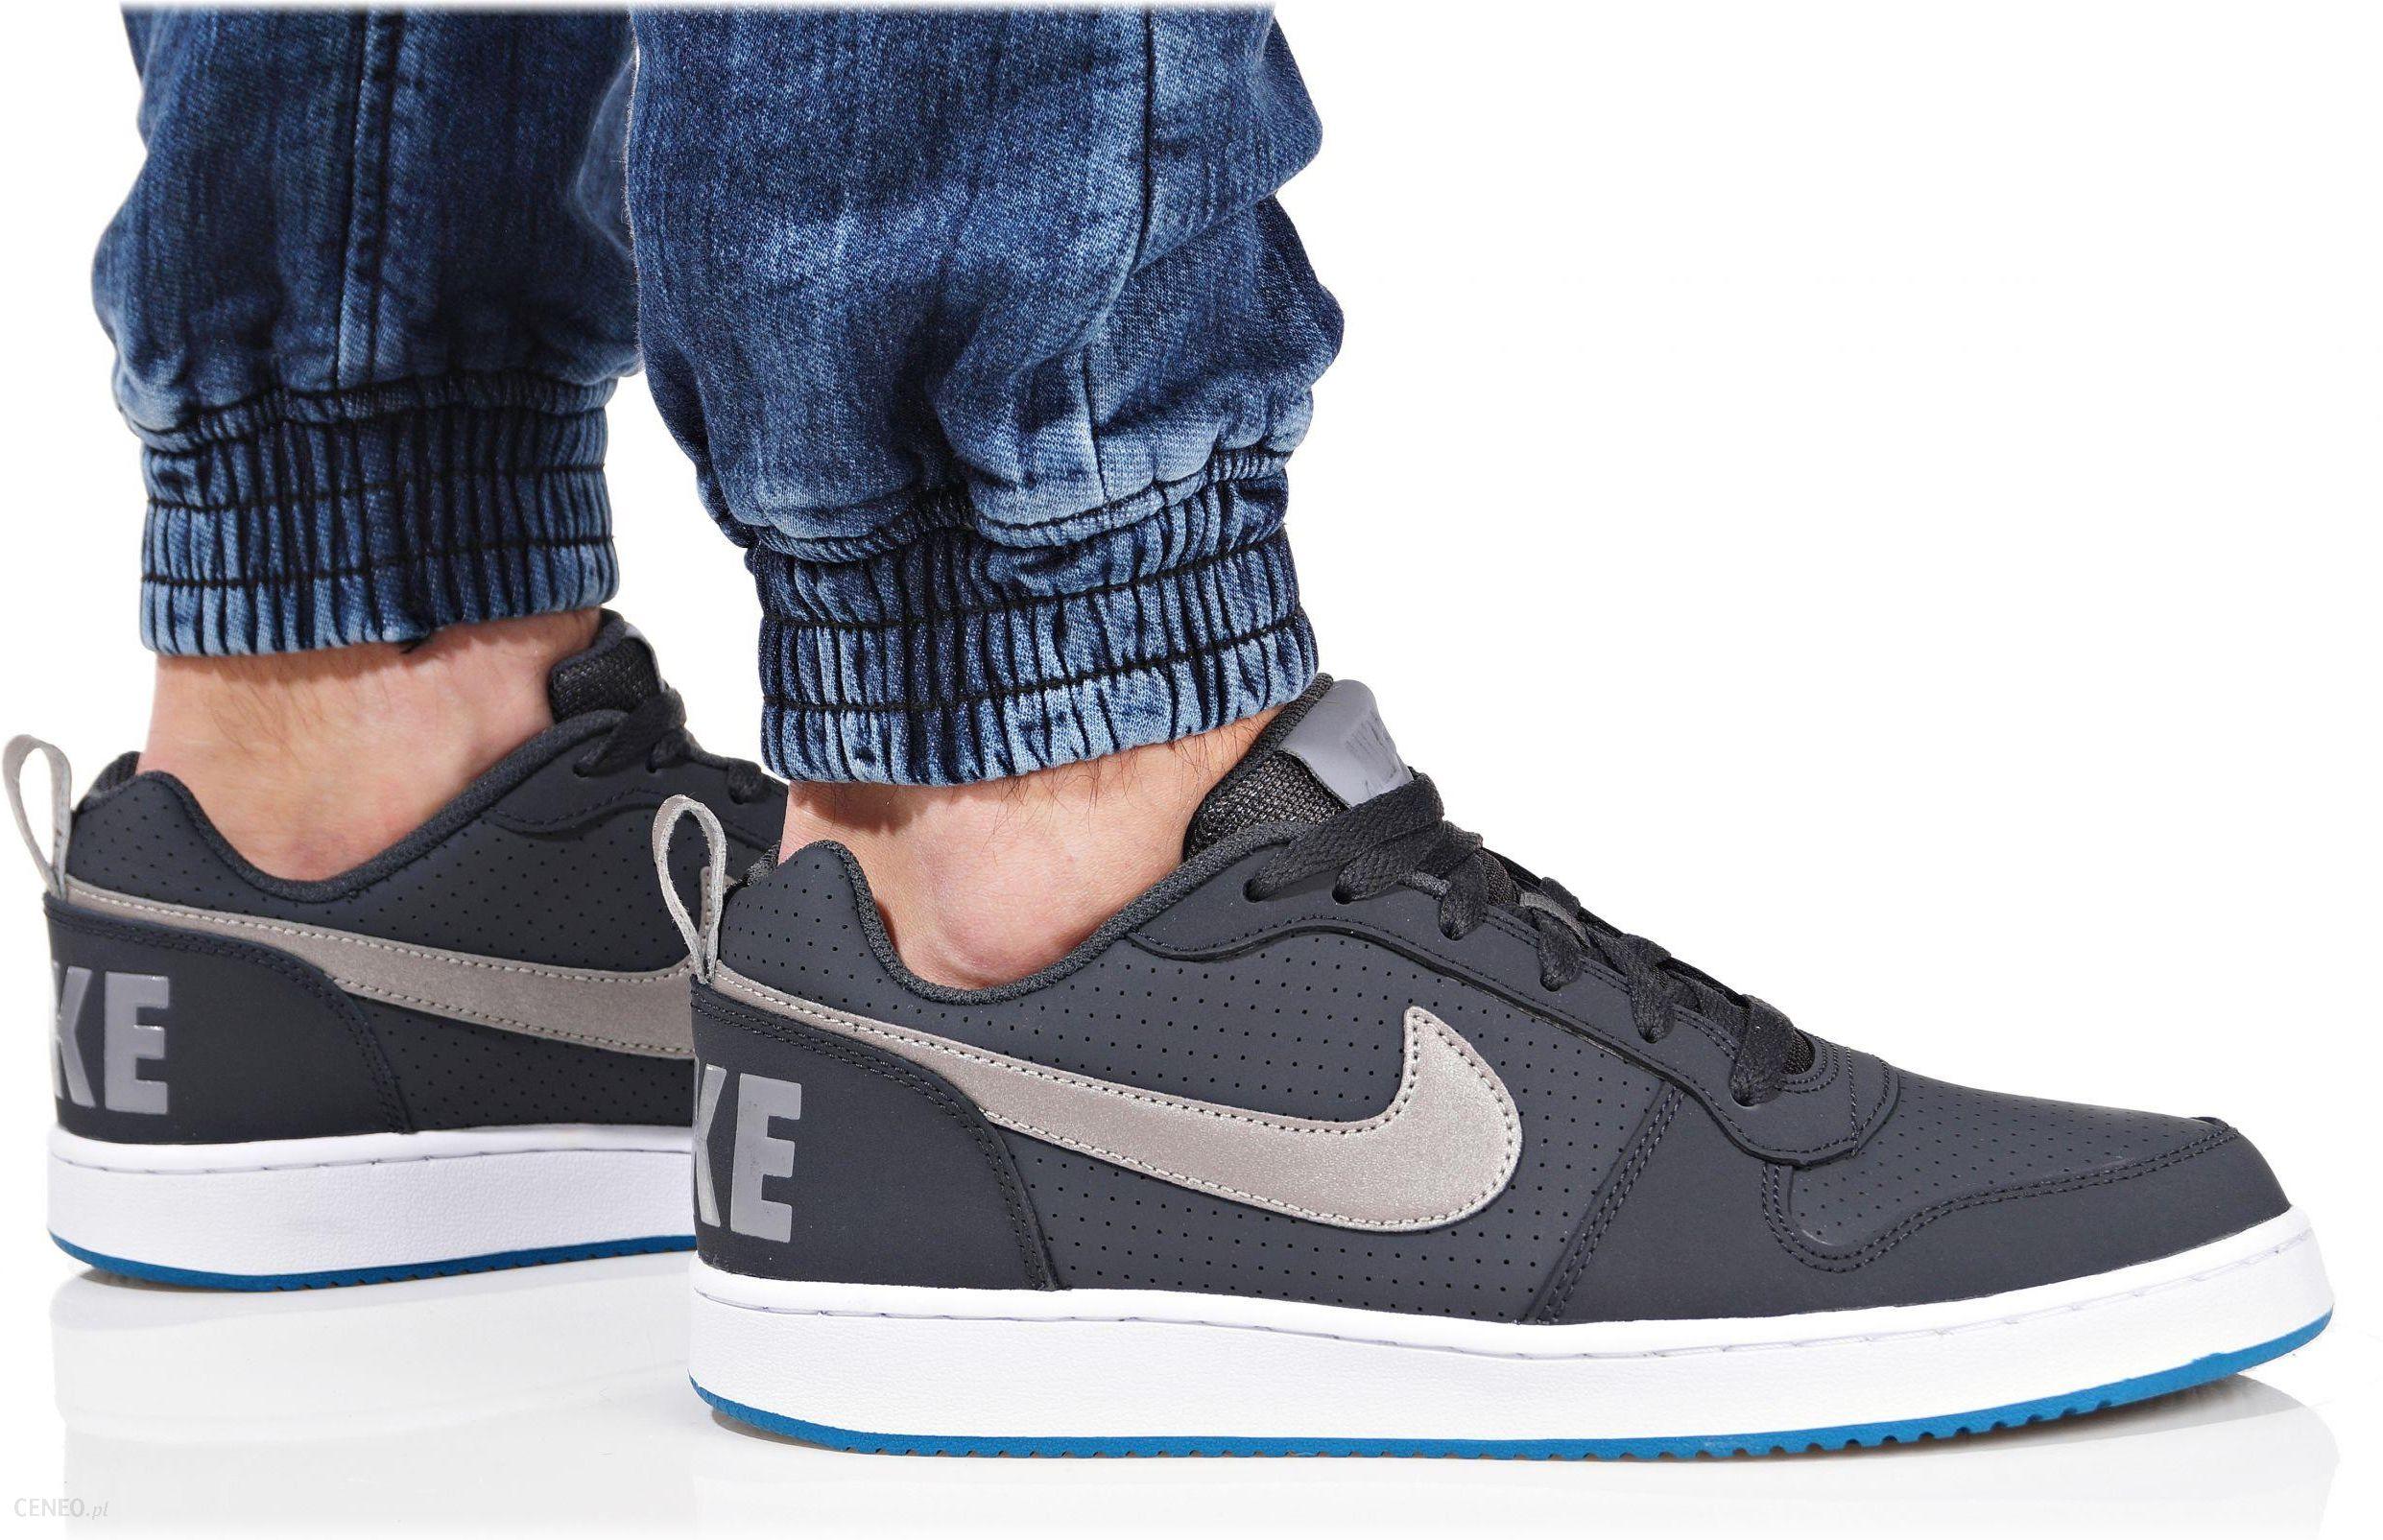 Buty Nike Court R. Borough Niedrig 838937 005 R. Court 46 Ceny i opinie Ceneo.pl 9387fe